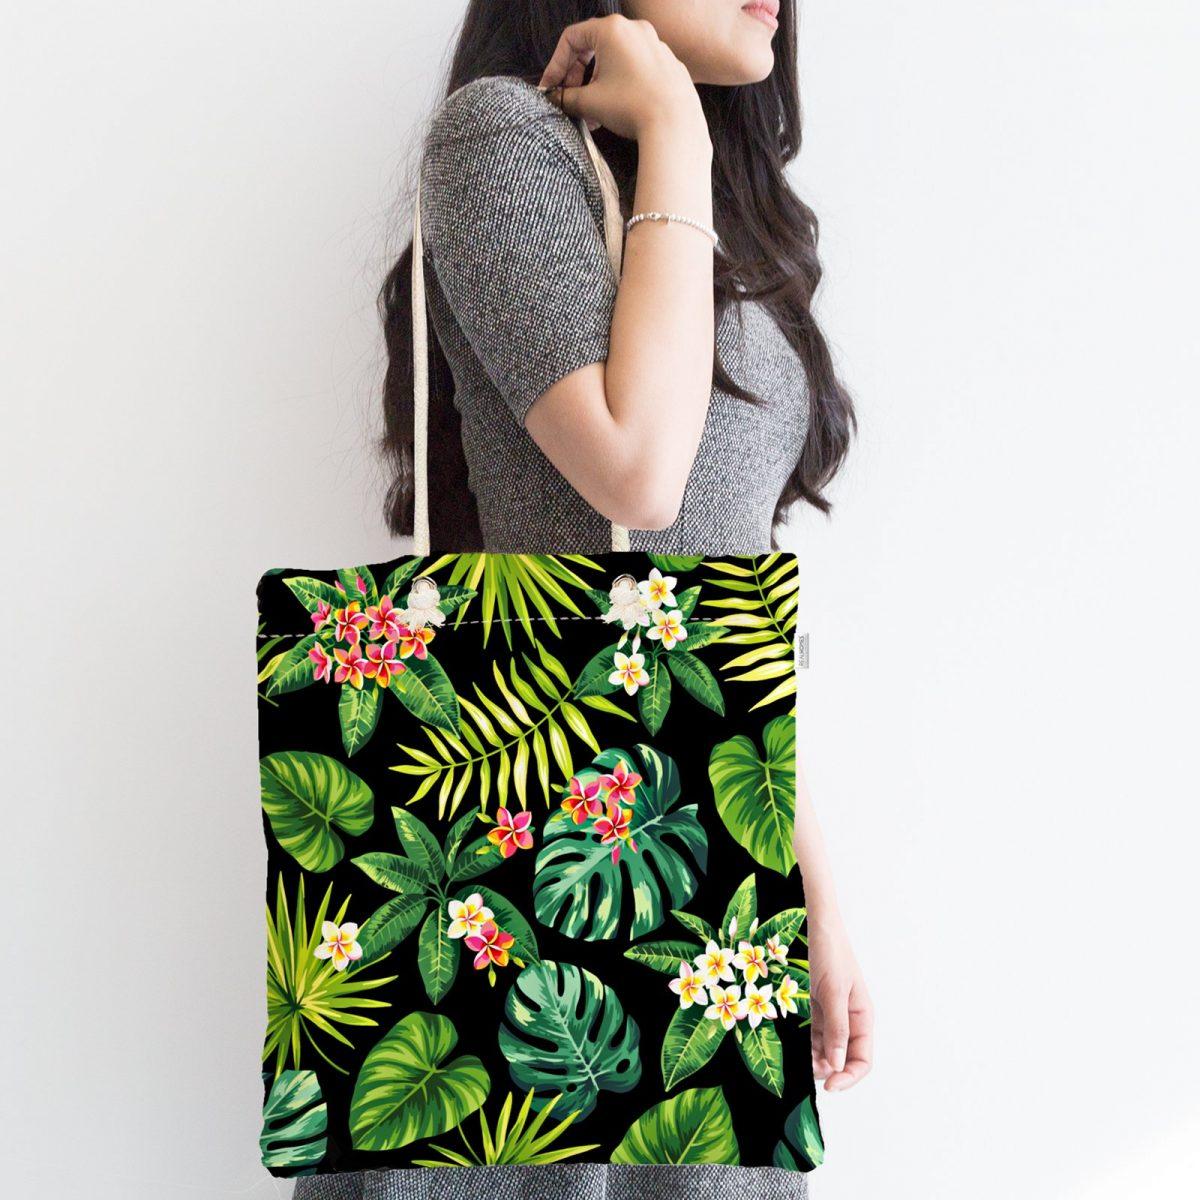 Siyah Zemin Yapraklar Özel Tasarım Fermuarlı Kumaş Çanta Realhomes